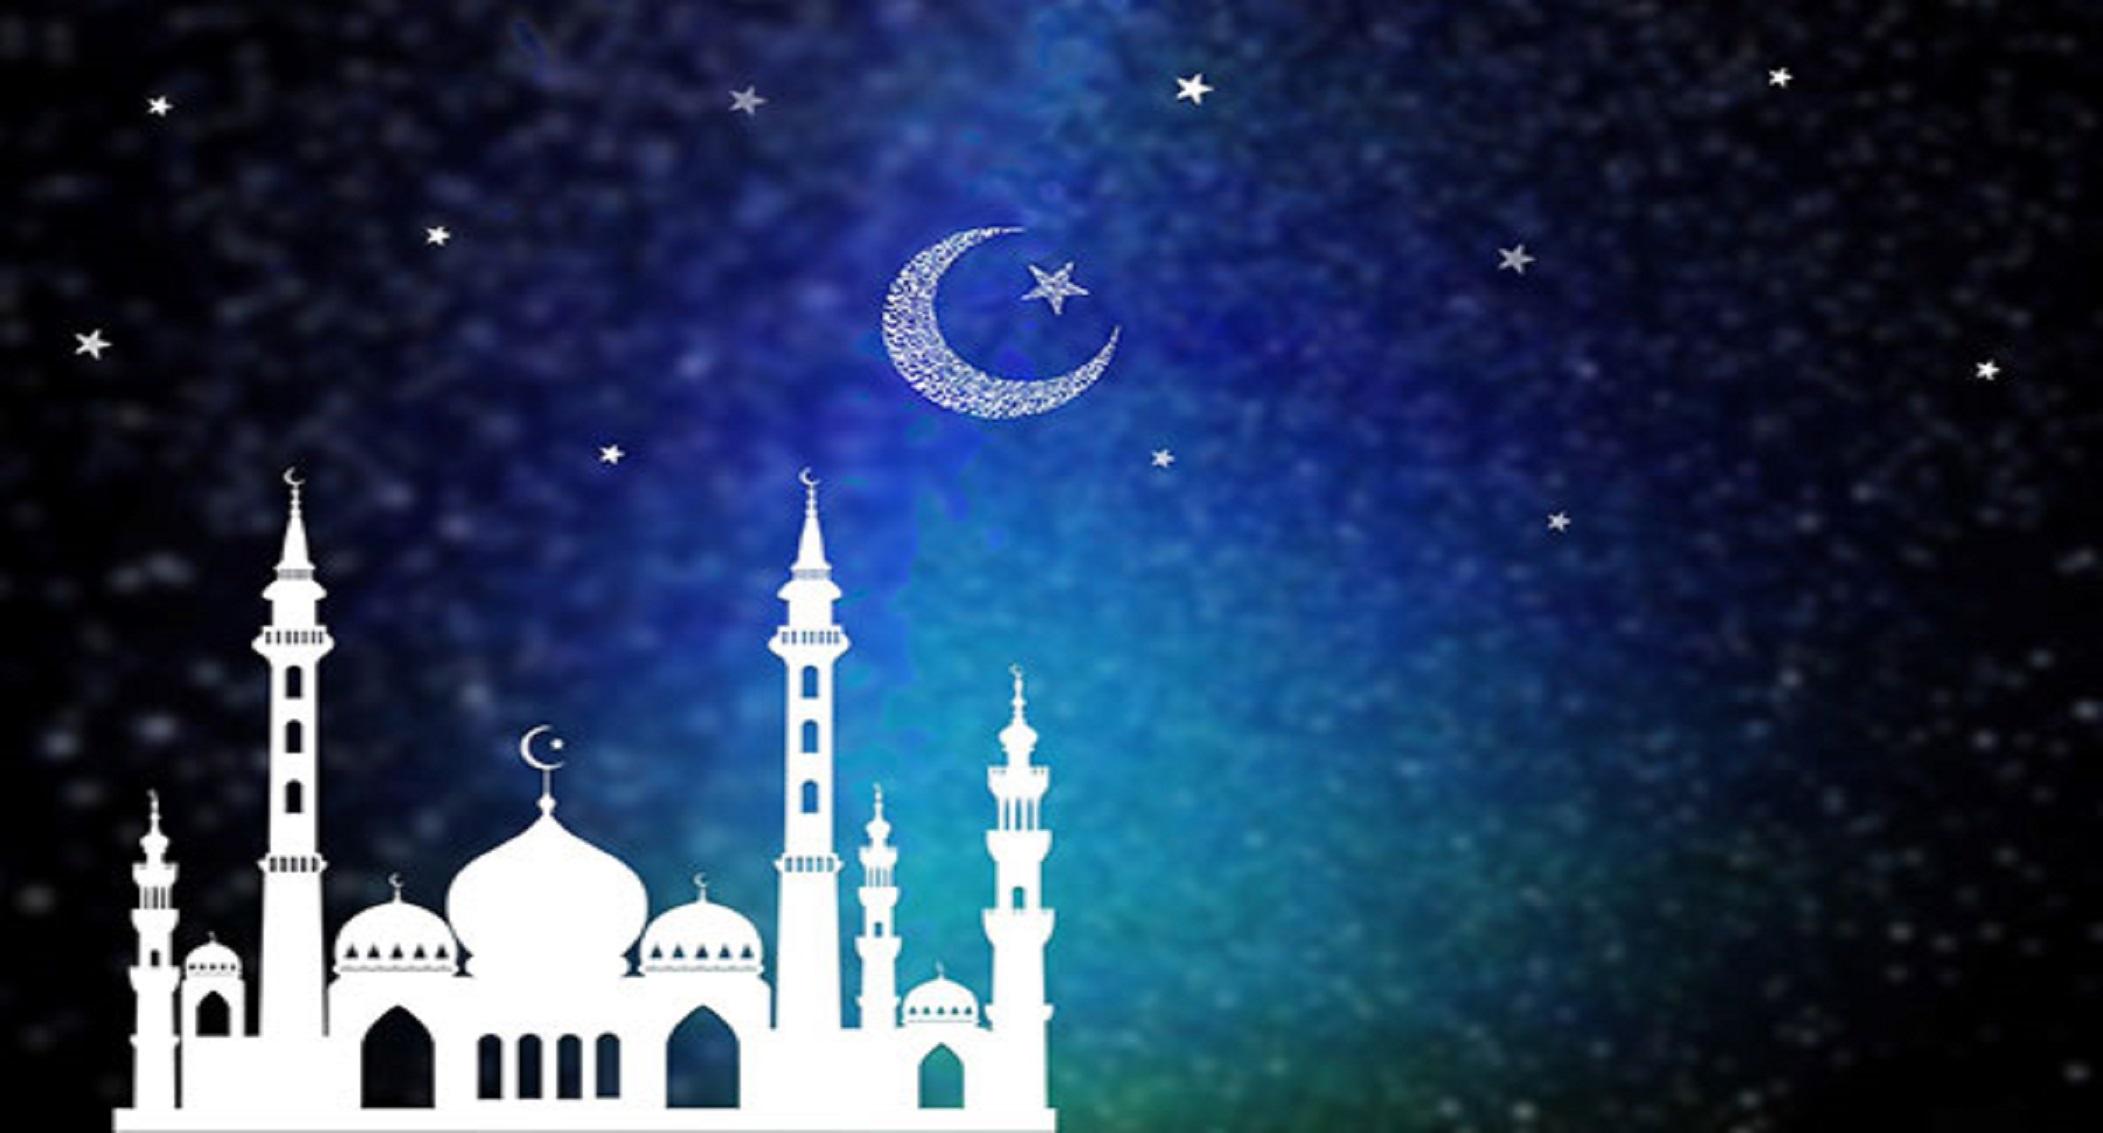 Call of Ramadan